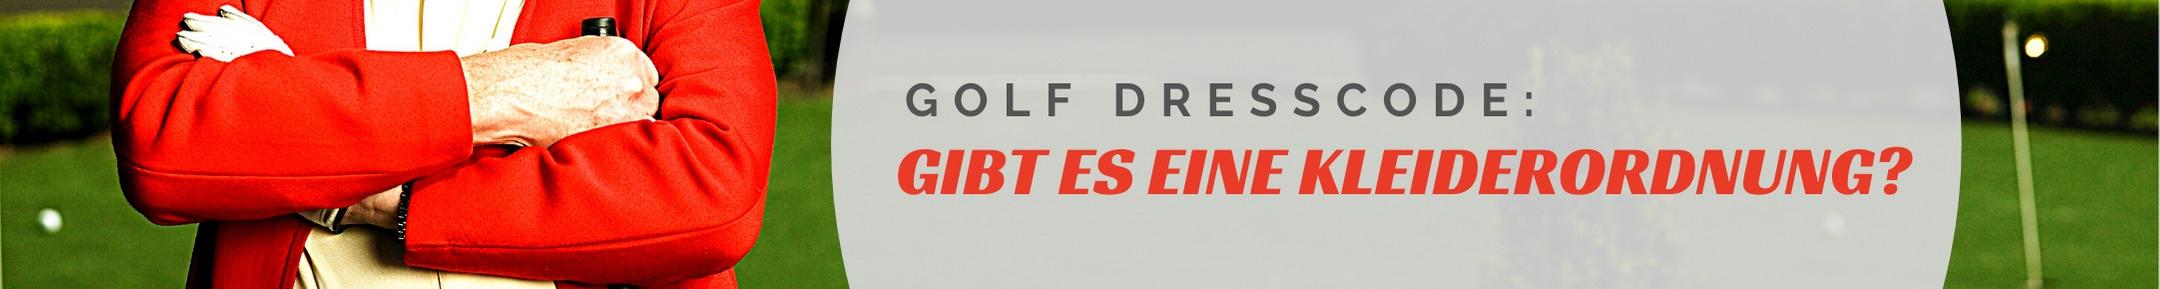 Gibt es eine Kleiderordnung im Golfsport?